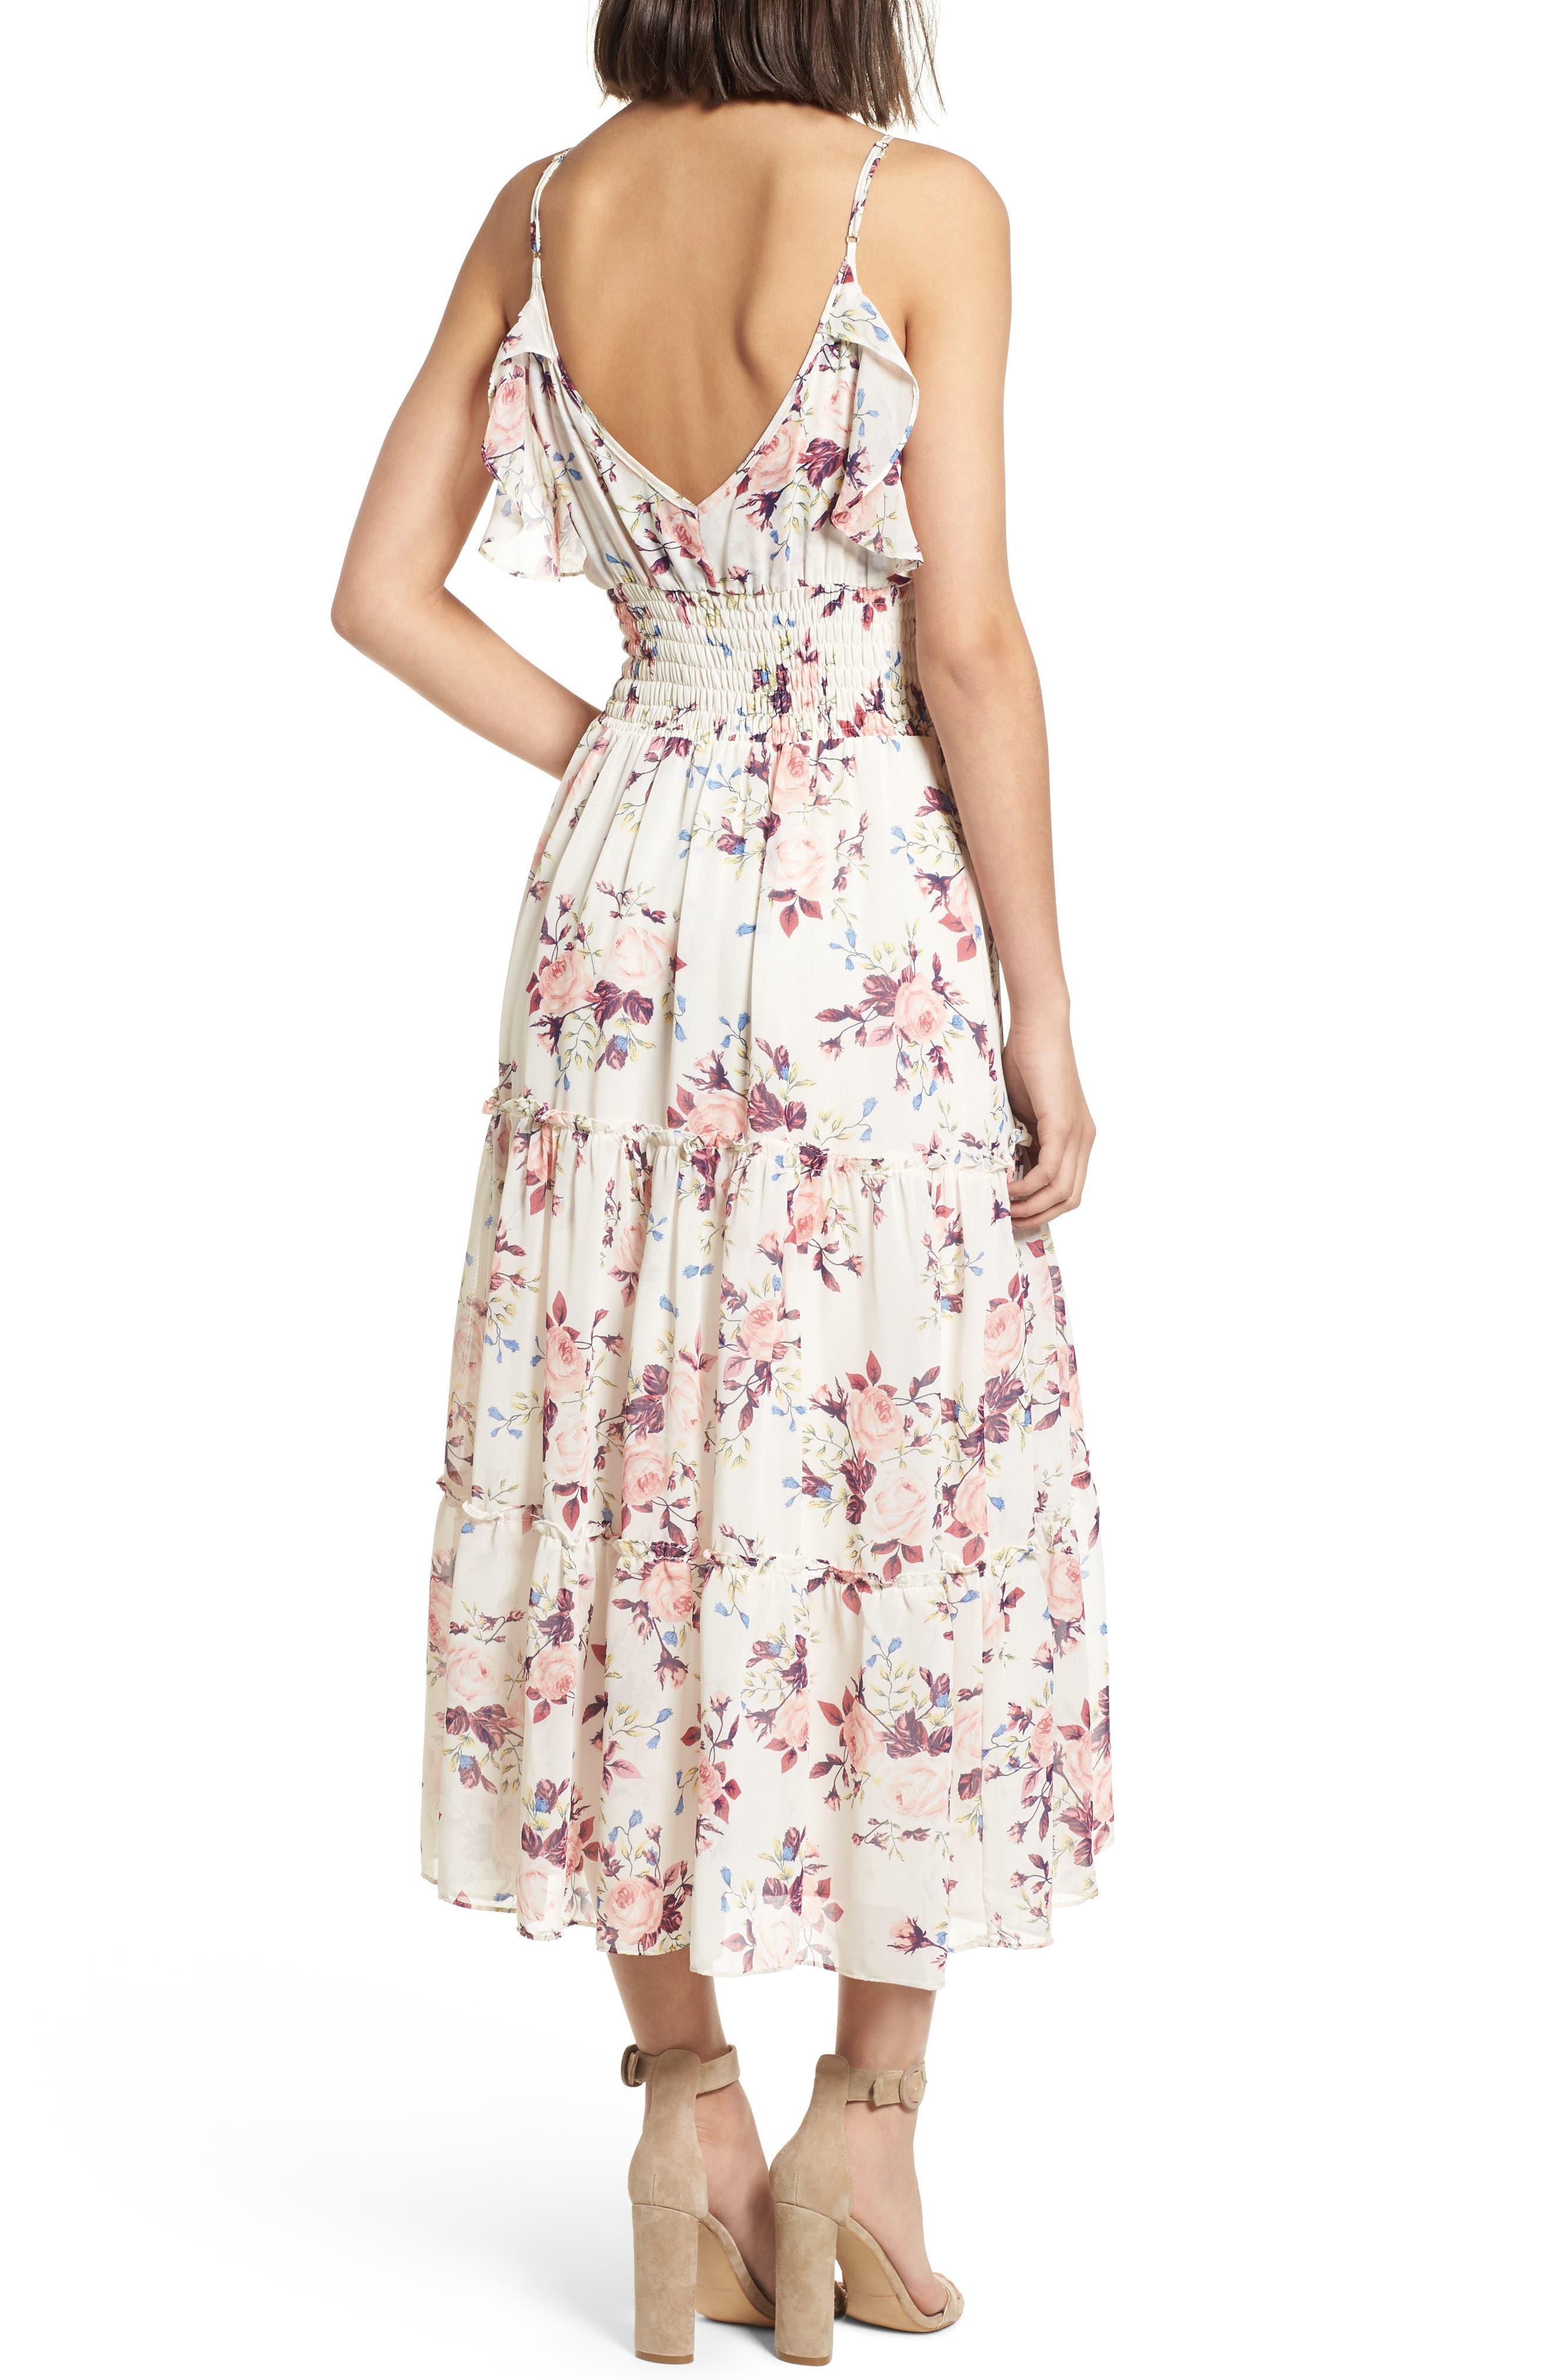 Aviana Midi Dress,                             Alternate thumbnail 2, color,                             White/ Multi Em10